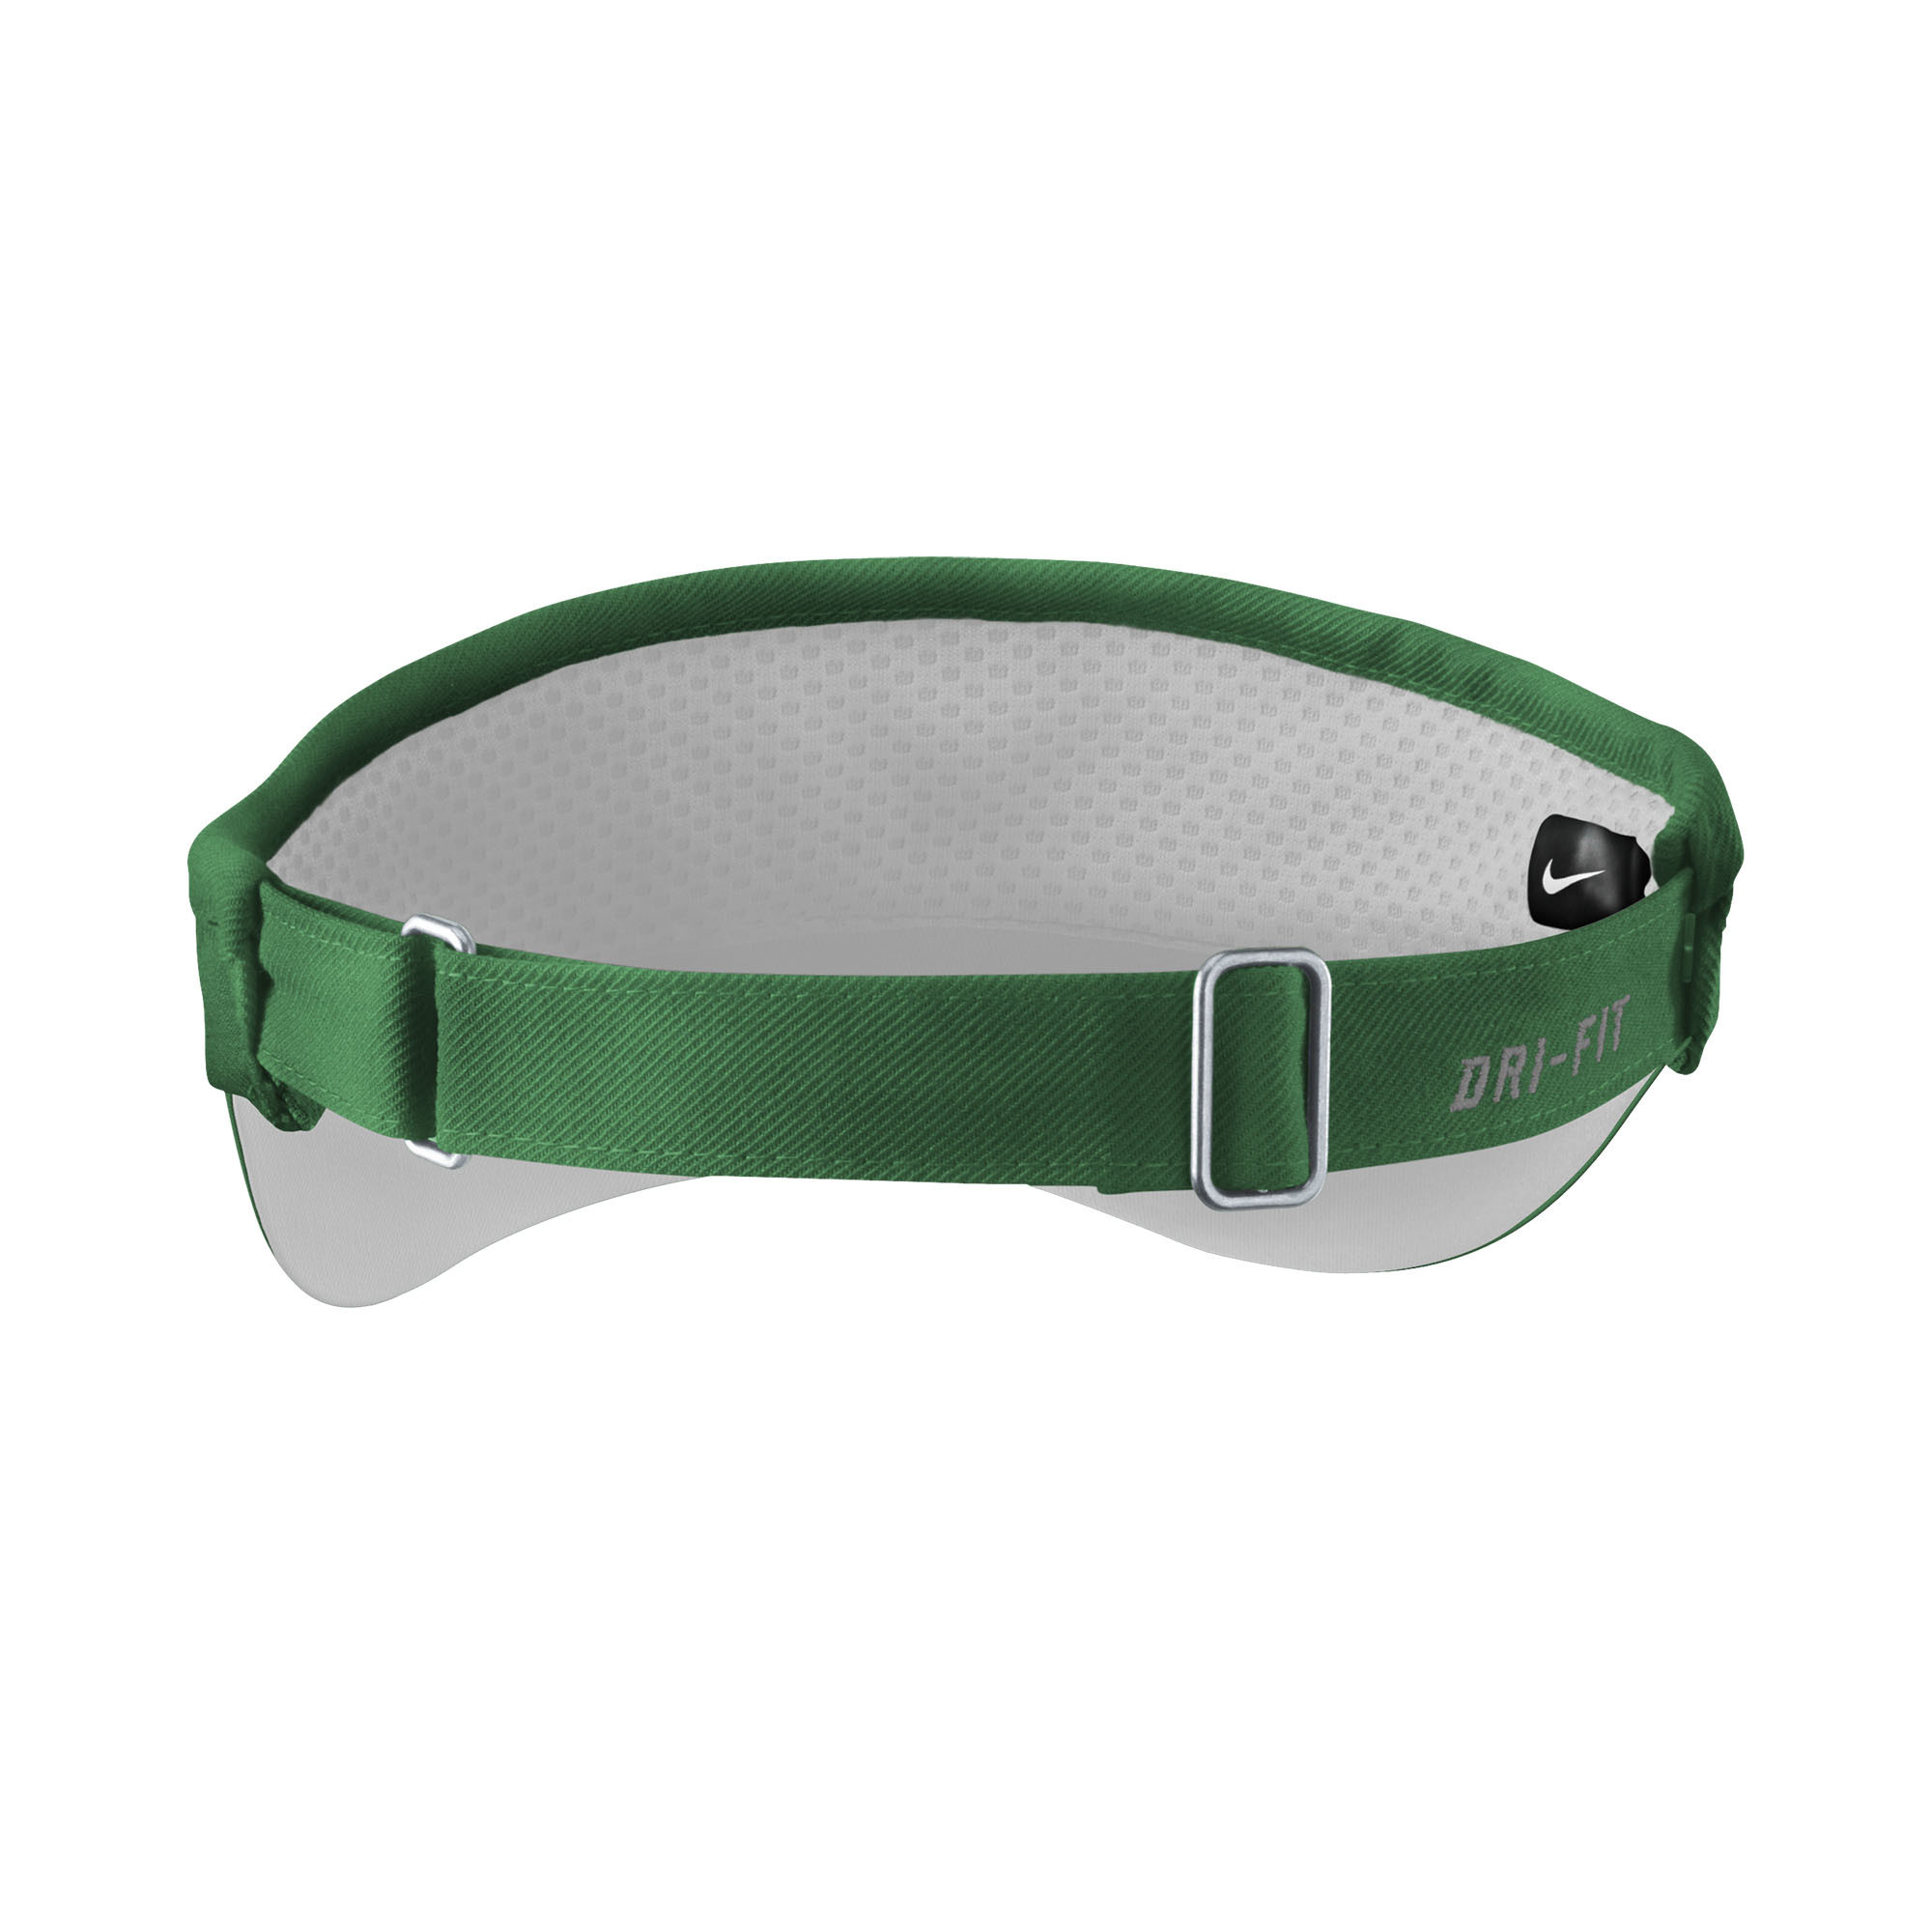 Nike Visor: Nike Sideline Visor- Green with White W